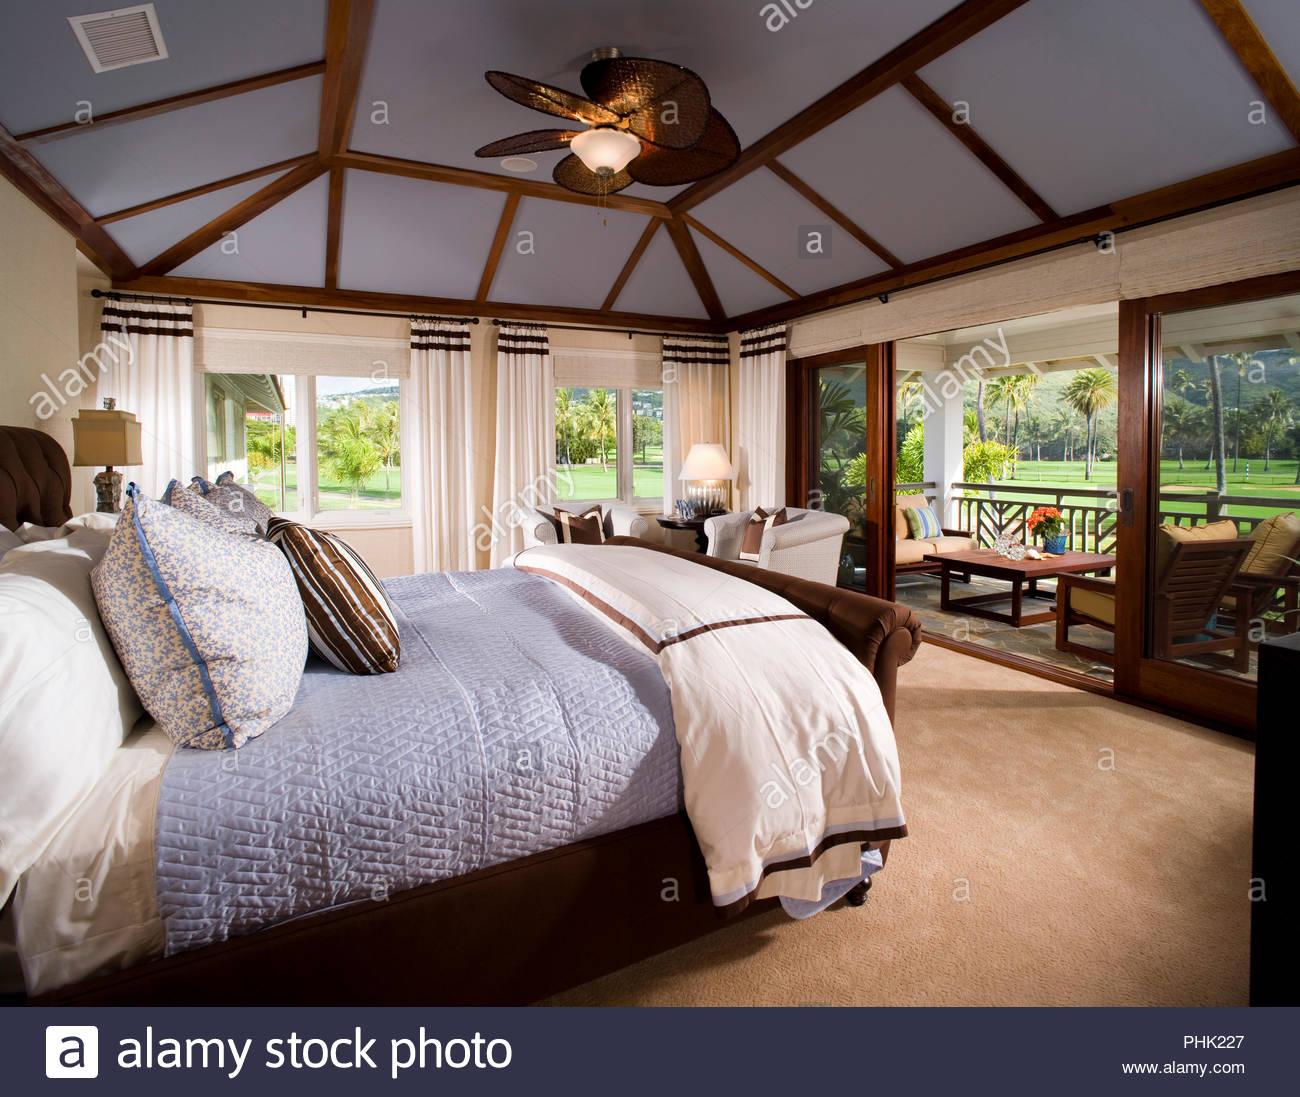 Schlafzimmer mit Deckenventilator Stockfotografie - Alamy